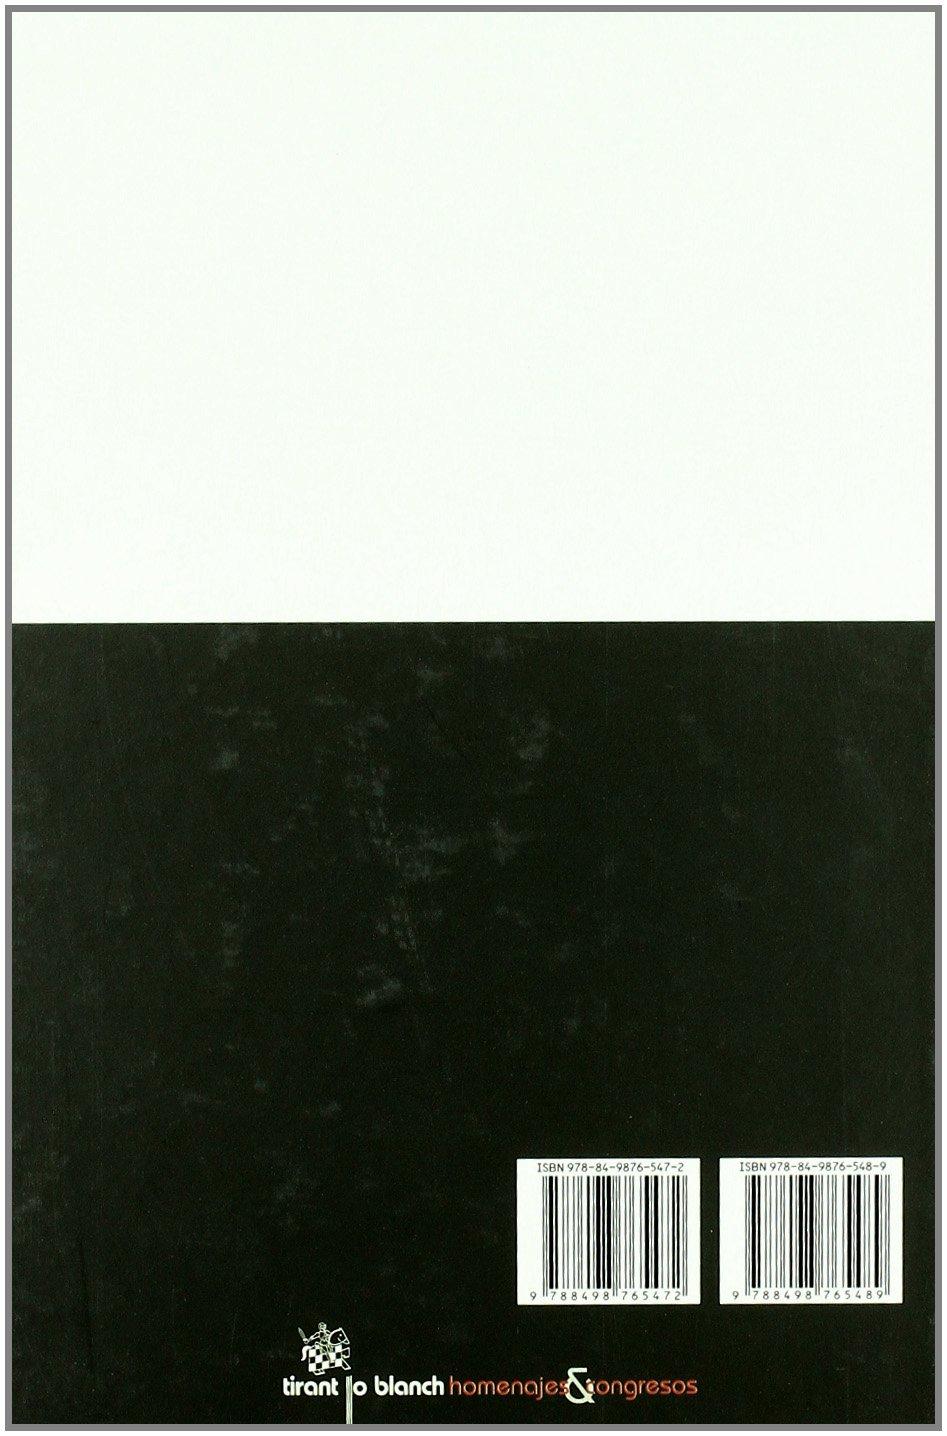 Constitución , Derechos Fundamentales y Sistema Penal 2 tomos: Amazon.es: Juan Carlos Carbonell Mateu, José Luis González Cussac, Enrique Orts Berenguer, ...